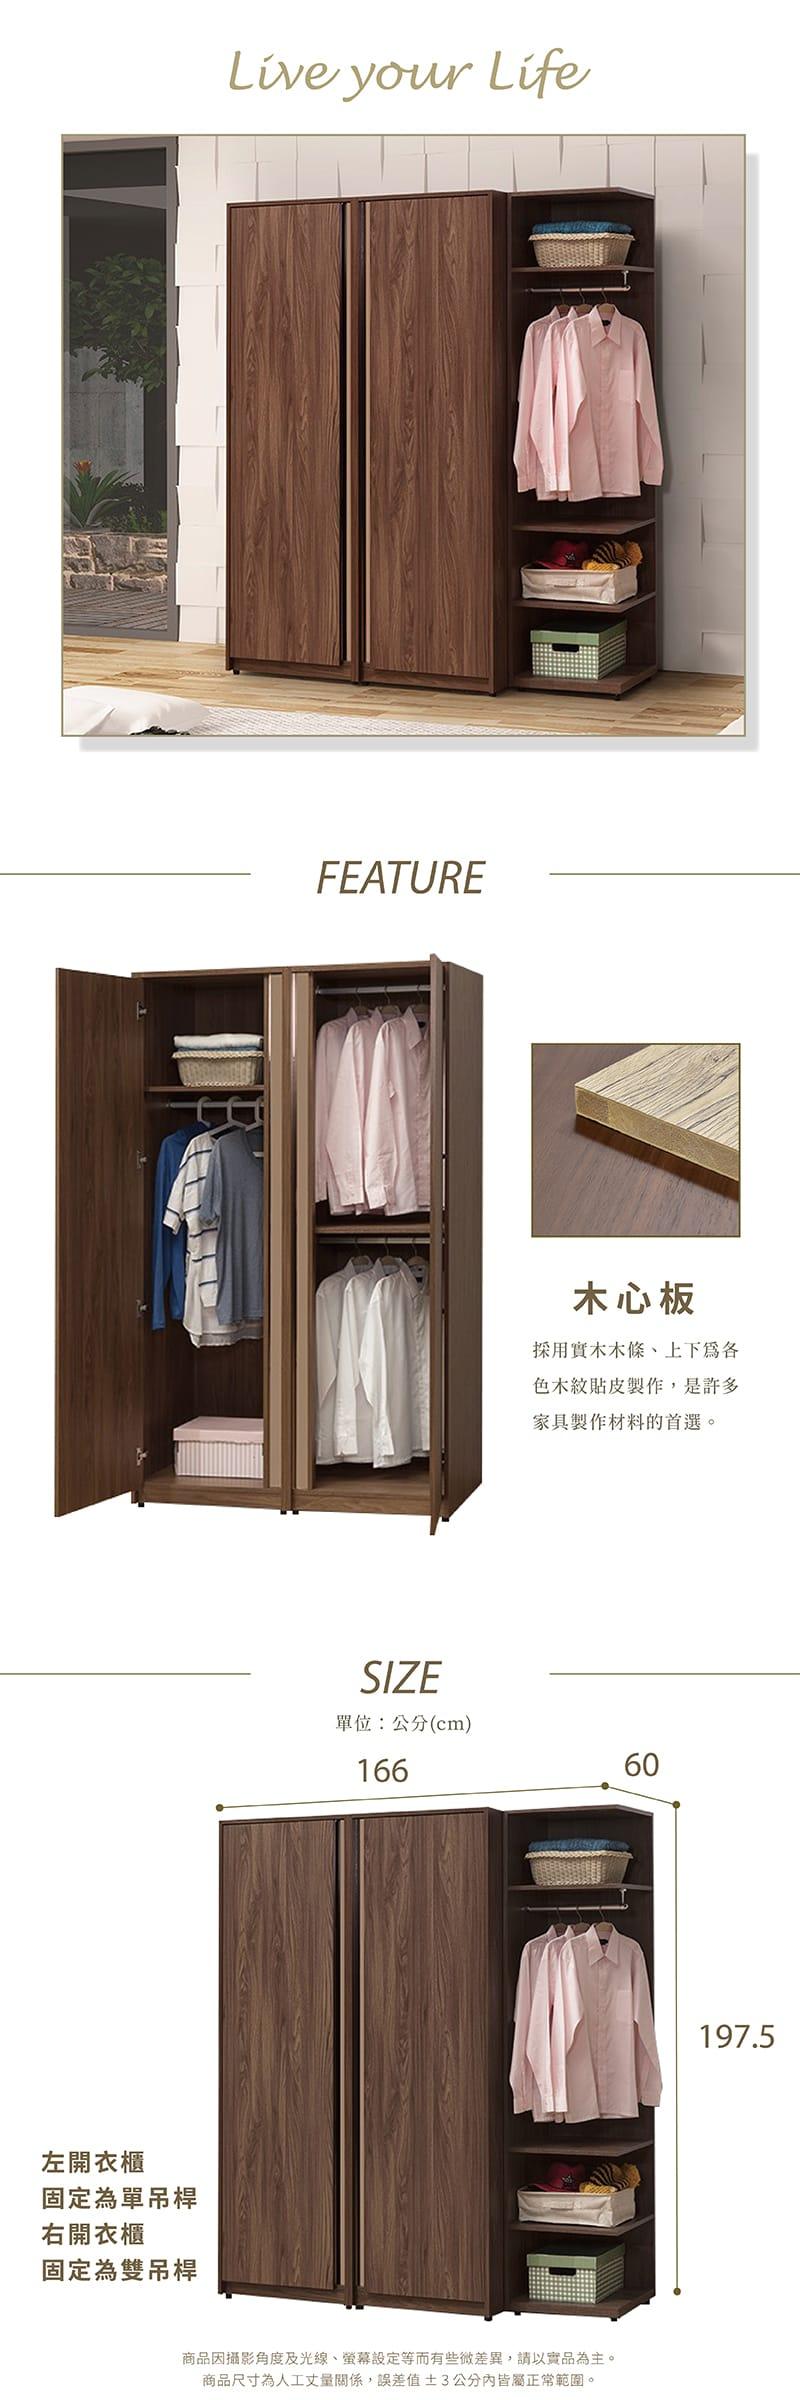 達爾文 拉門收納置物衣櫃 寬166cm